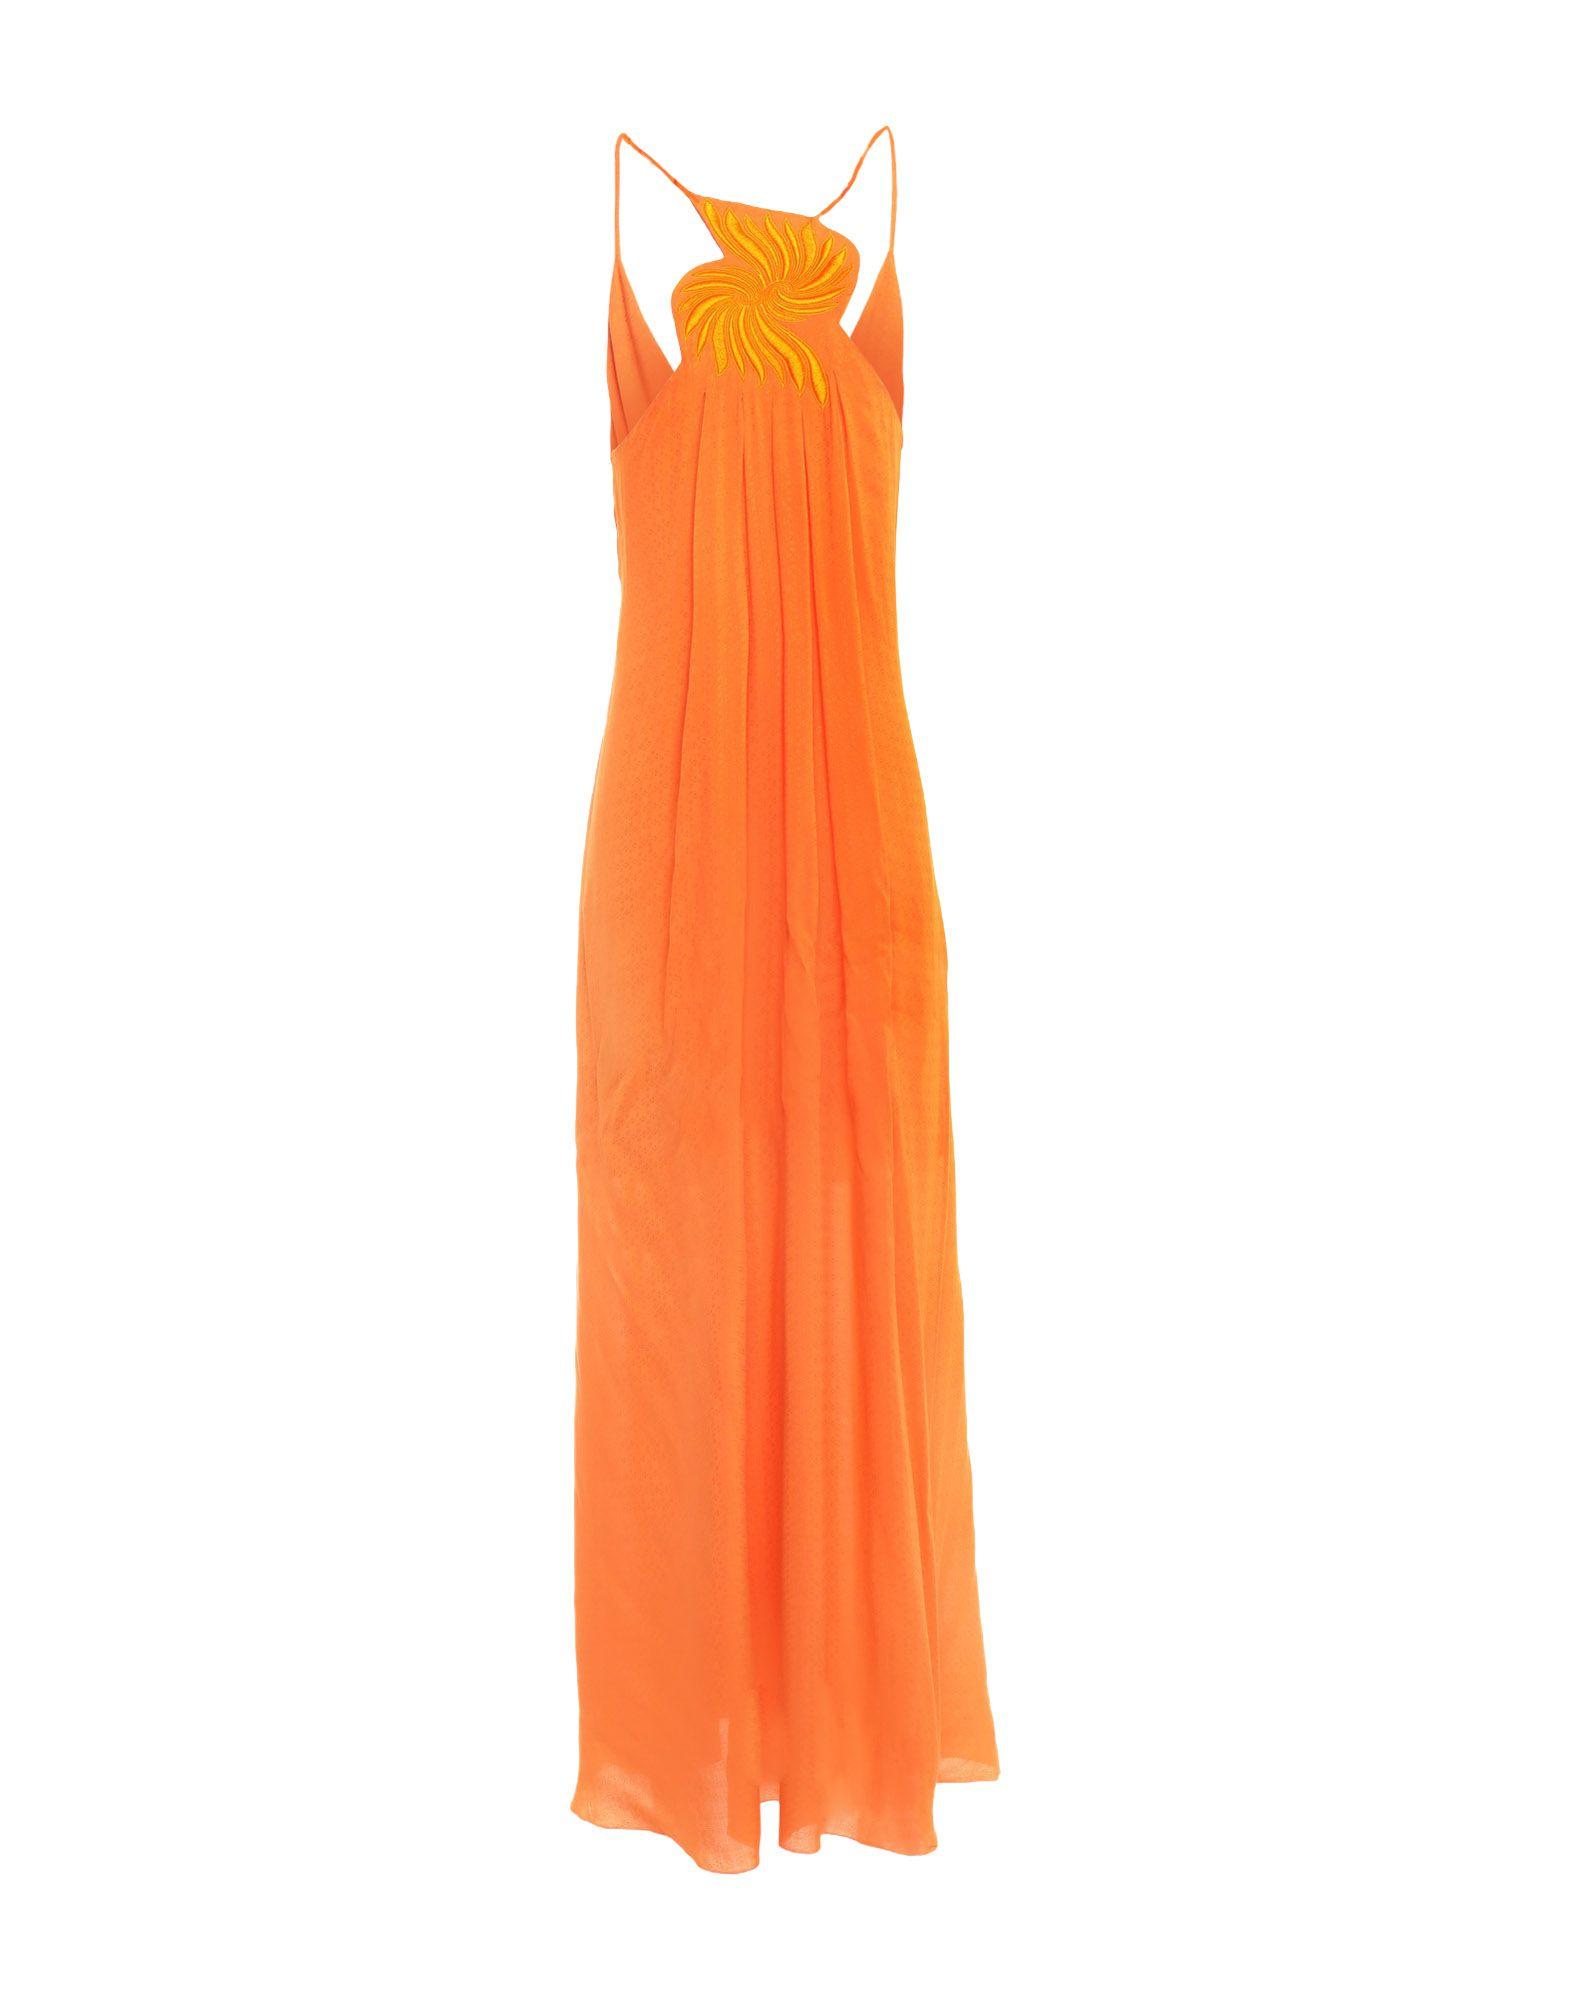 ATOS ATOS LOMBARDINI Длинное платье atos lombardini per l nde le palais длинное платье